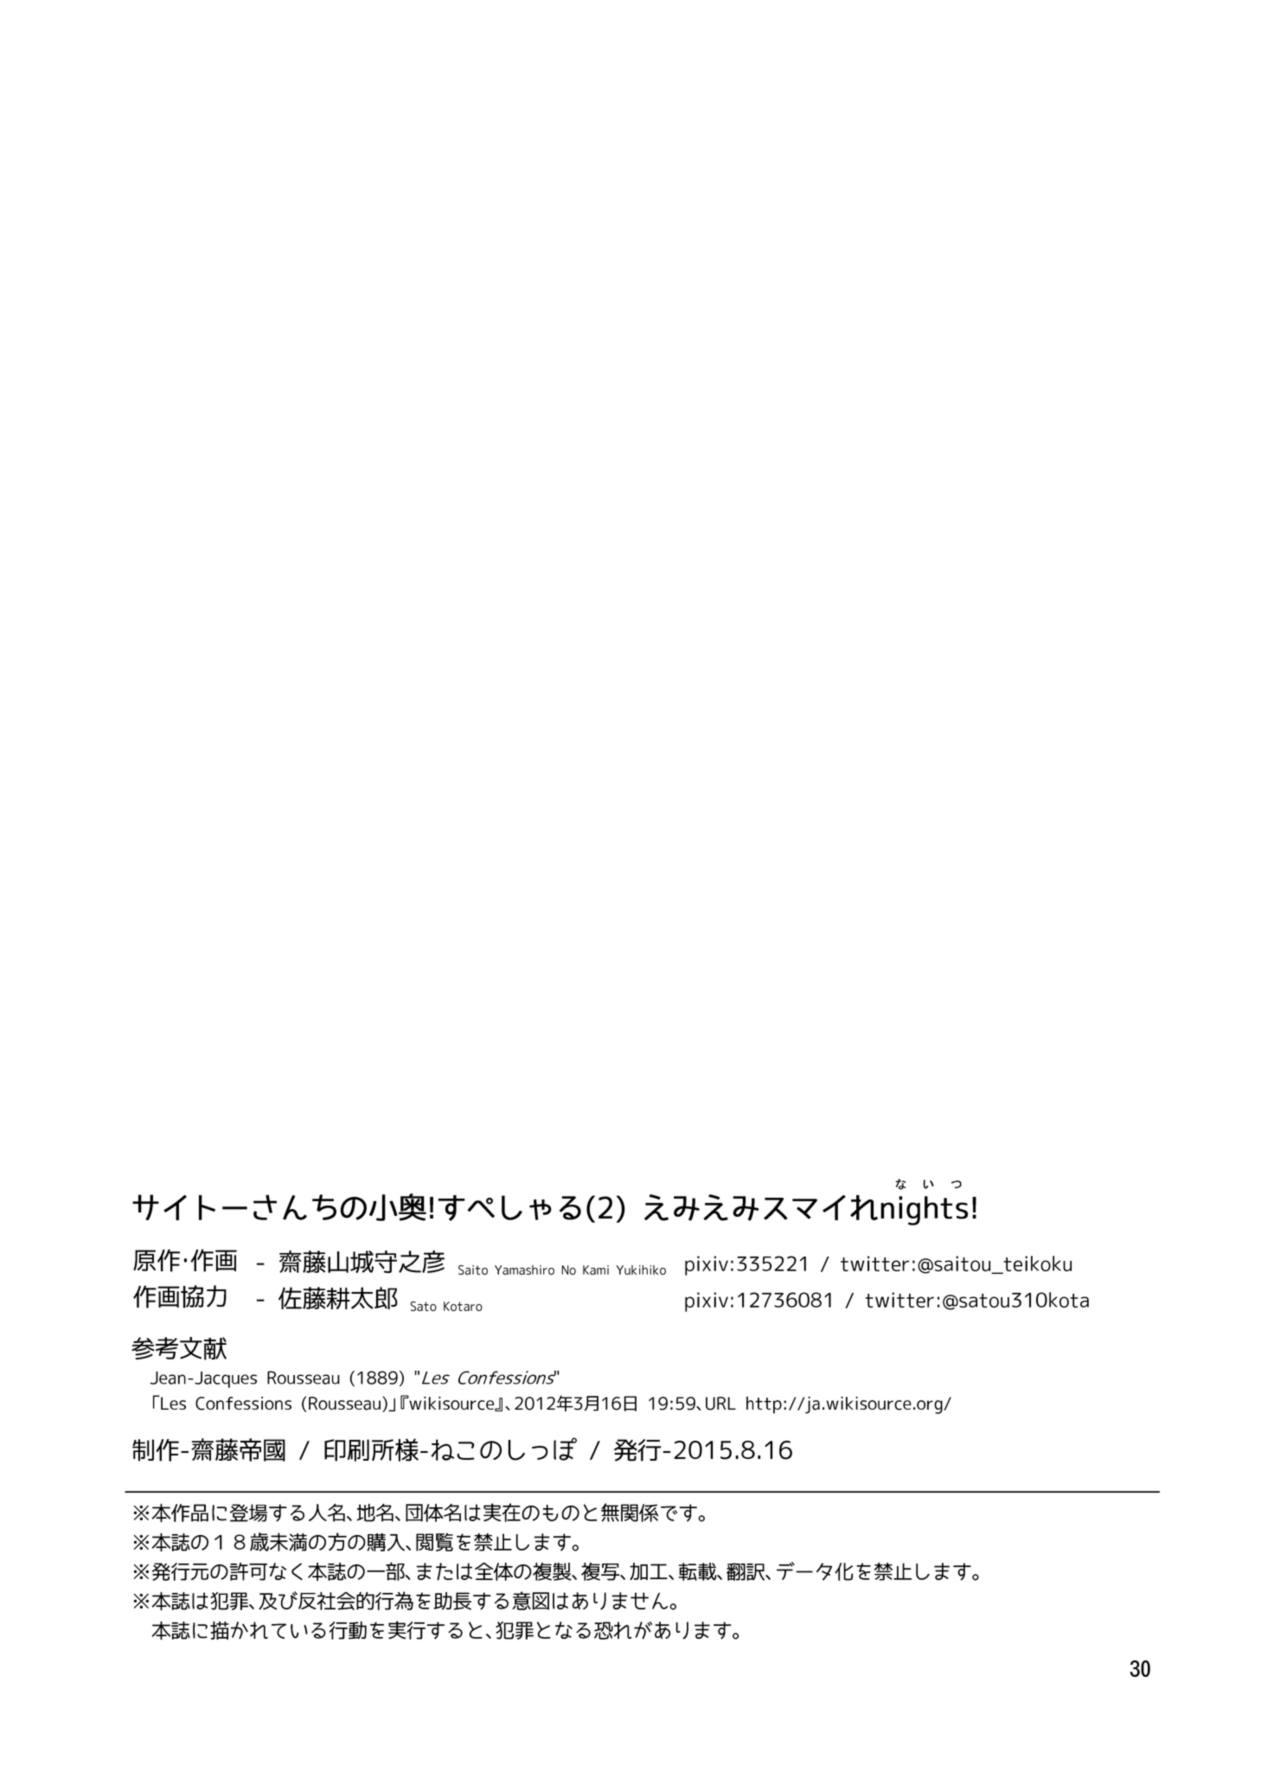 (C88) [Saitou Teikoku (Saitou Yamashironokami Yukihiko)] SAITO-SAN CHI NO KO-OKU! Special 2 - Emiemi Smile Nights! 28